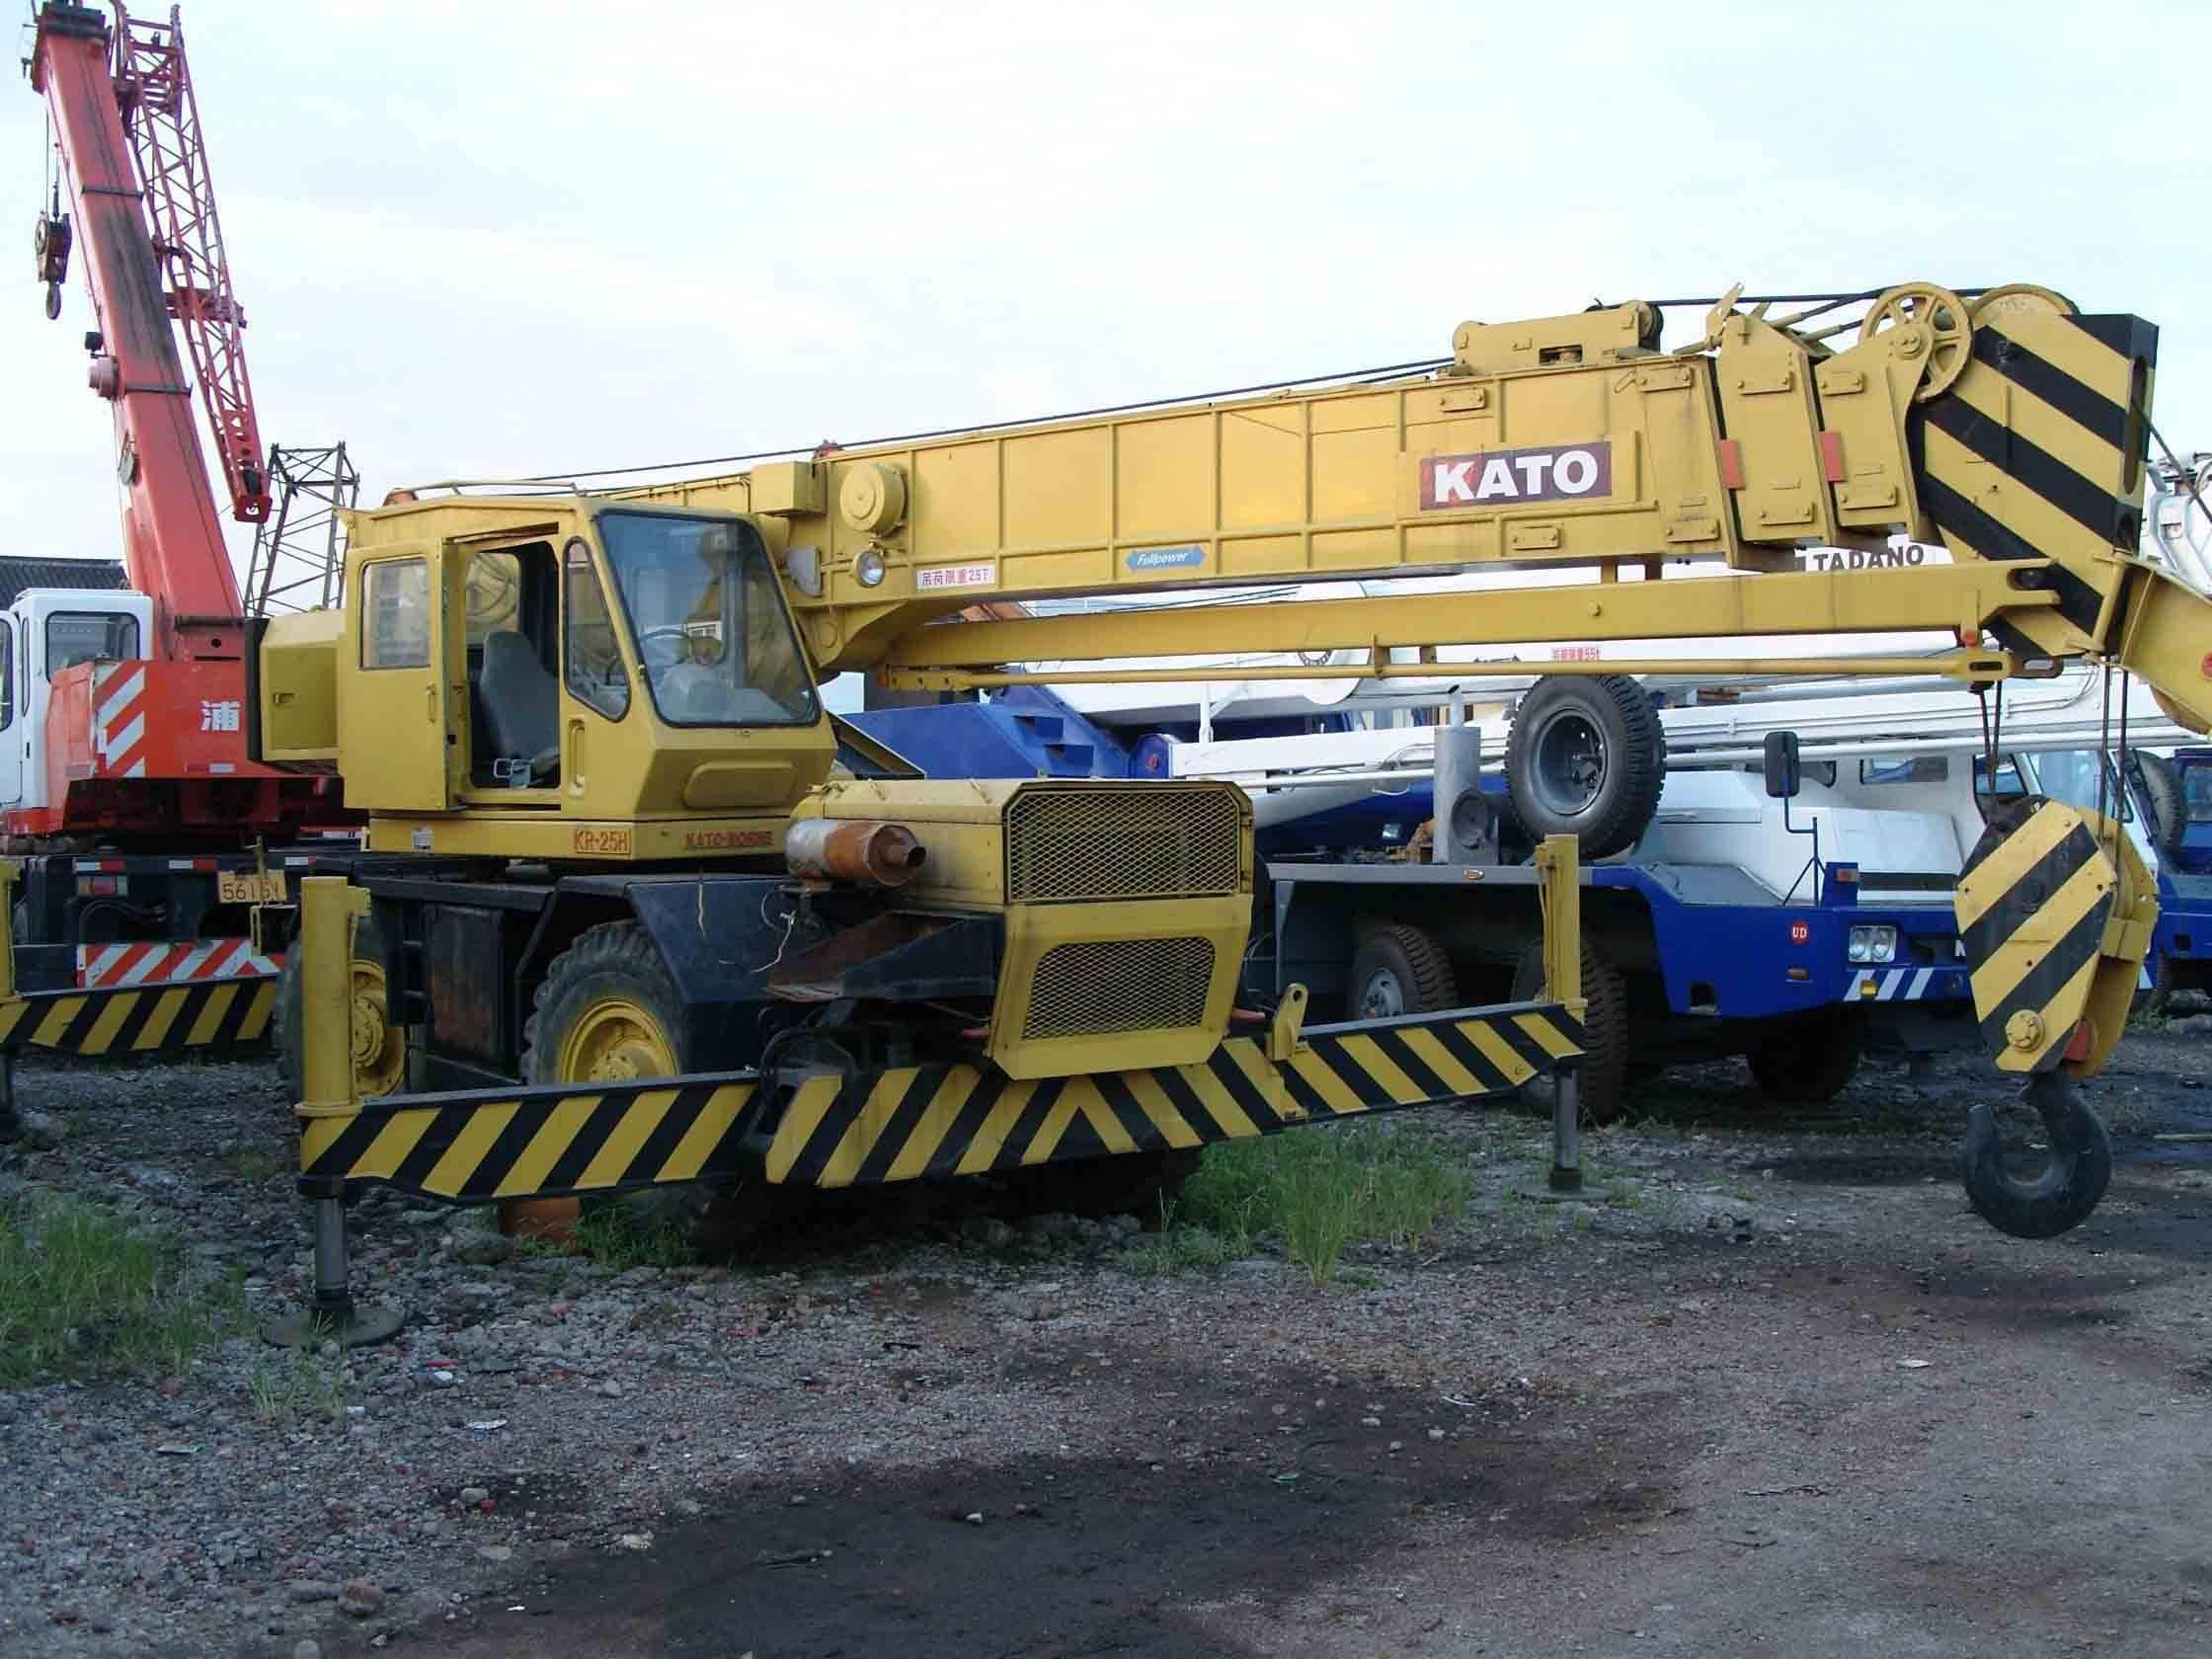 Used KATO KR-250 Rough Terrain Truck Crane, Buy from SHCF